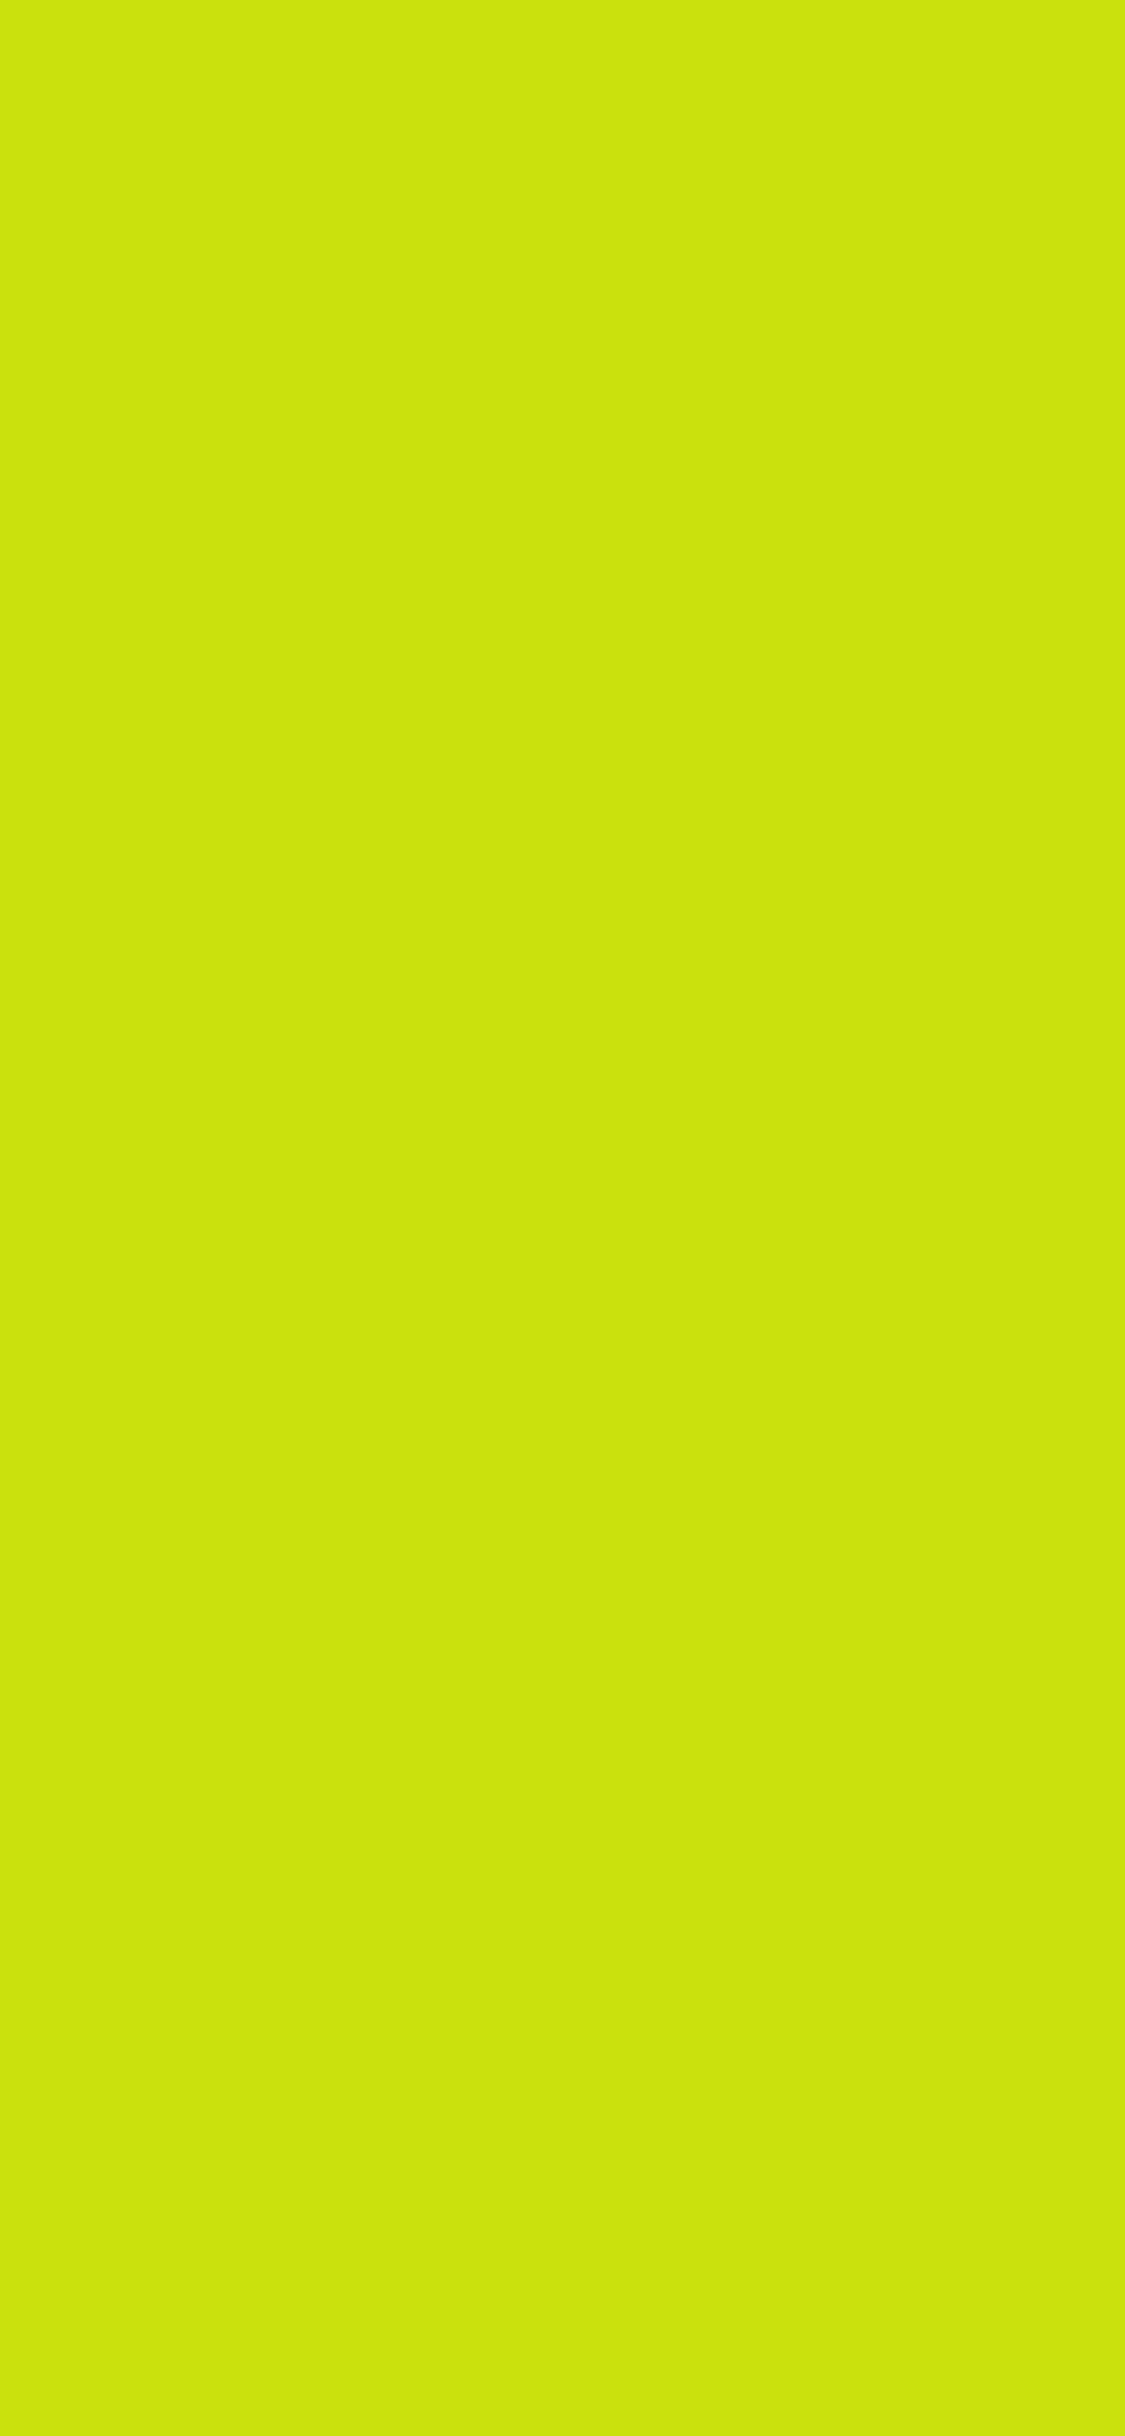 1125x2436 Bitter Lemon Solid Color Background